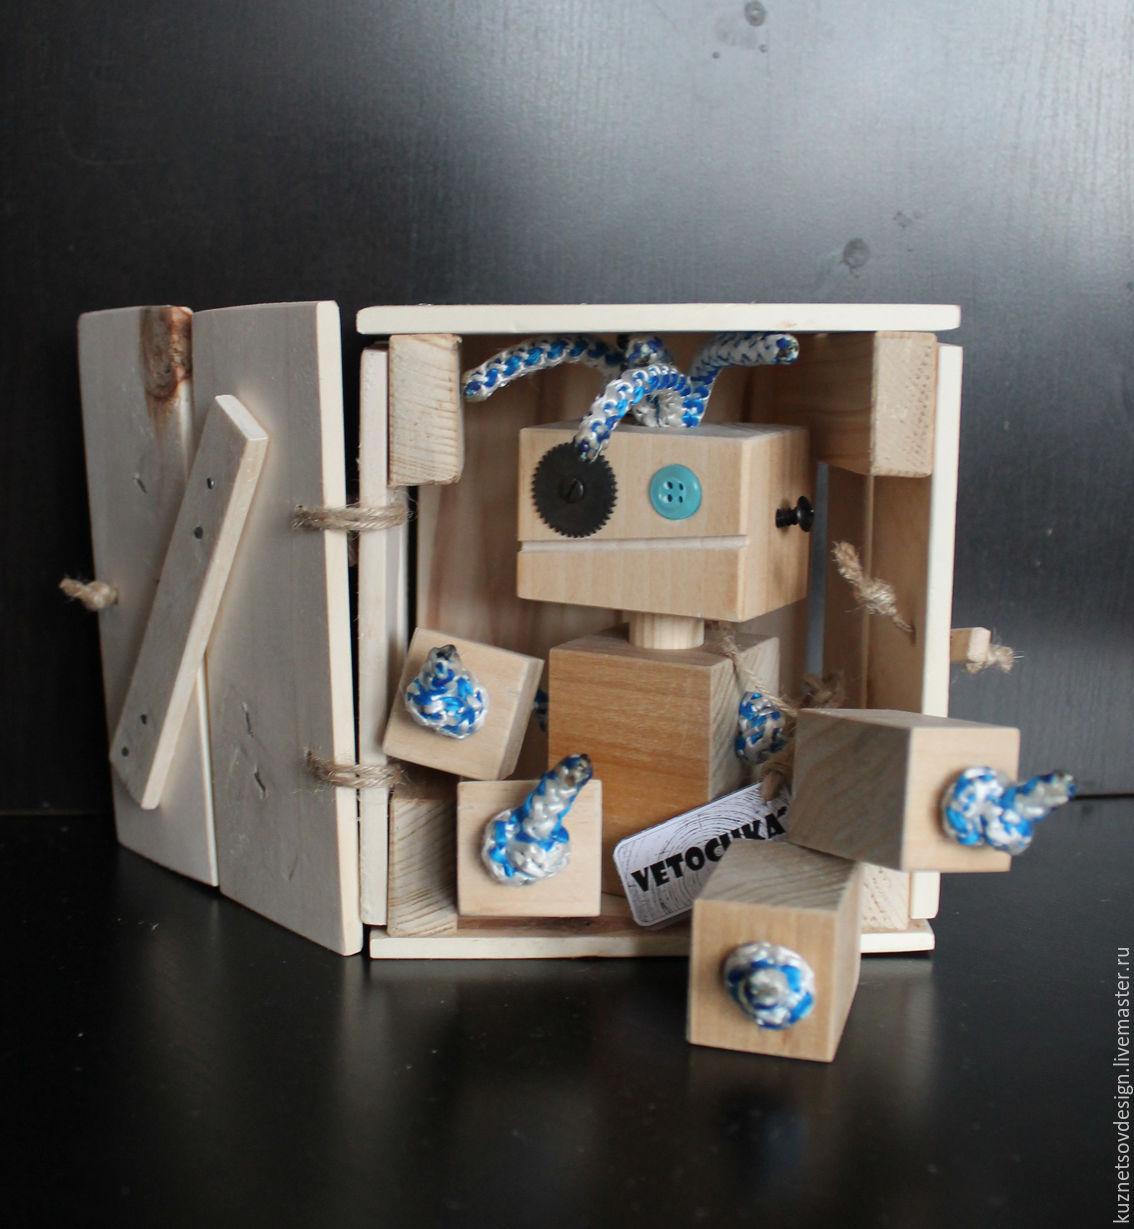 Человечки ручной работы. Ярмарка Мастеров - ручная работа. Купить Робот деревянный # 3. Handmade. Бежевый, человечек